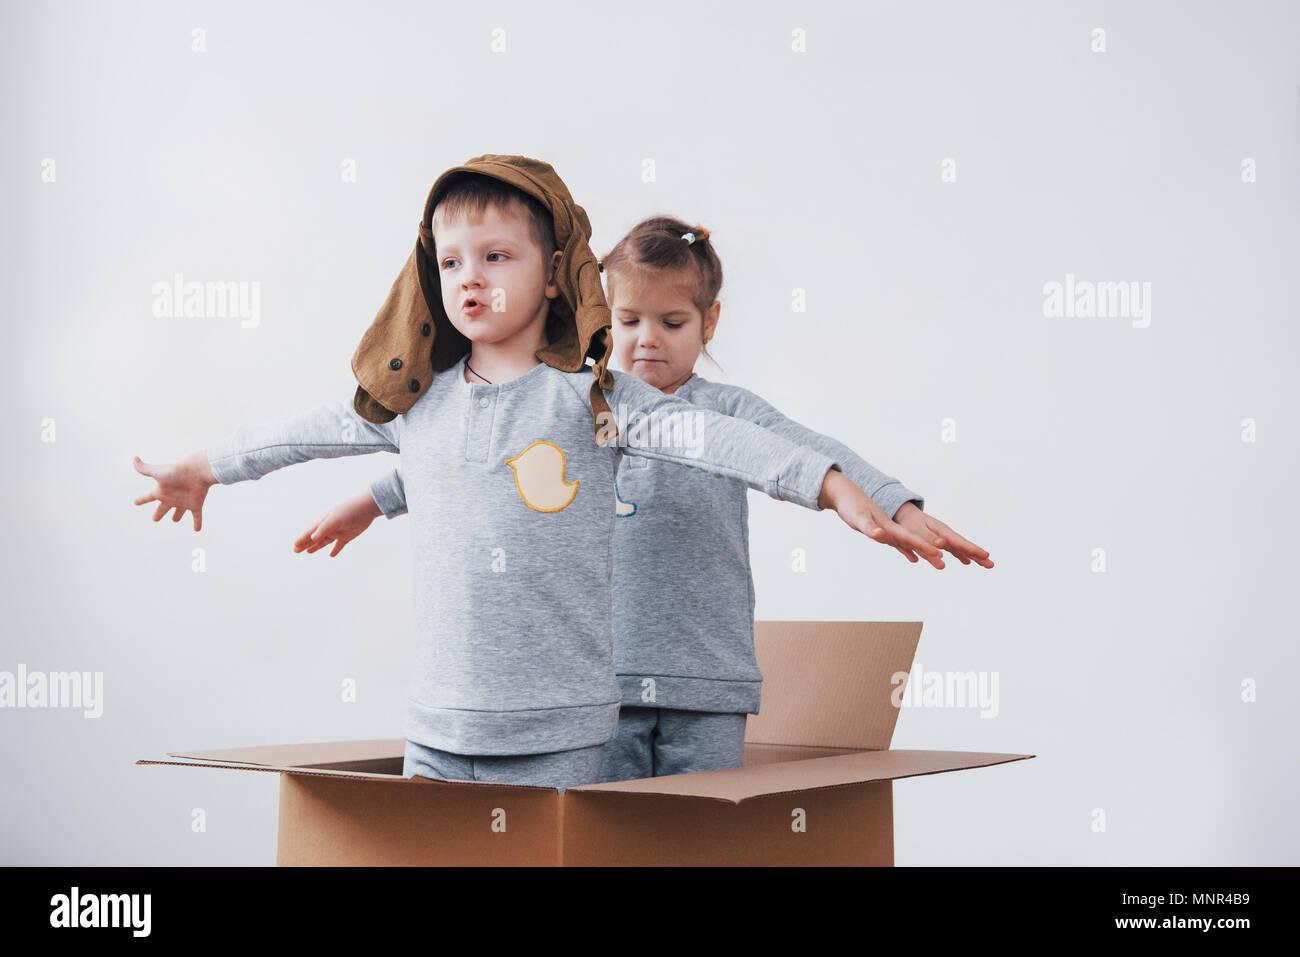 La petite enfance ludique. Petit garçon s'amuser grâce à la boîte de carton. Garçon prétendant être pilote. Little Boy and girl having fun at home Banque D'Images